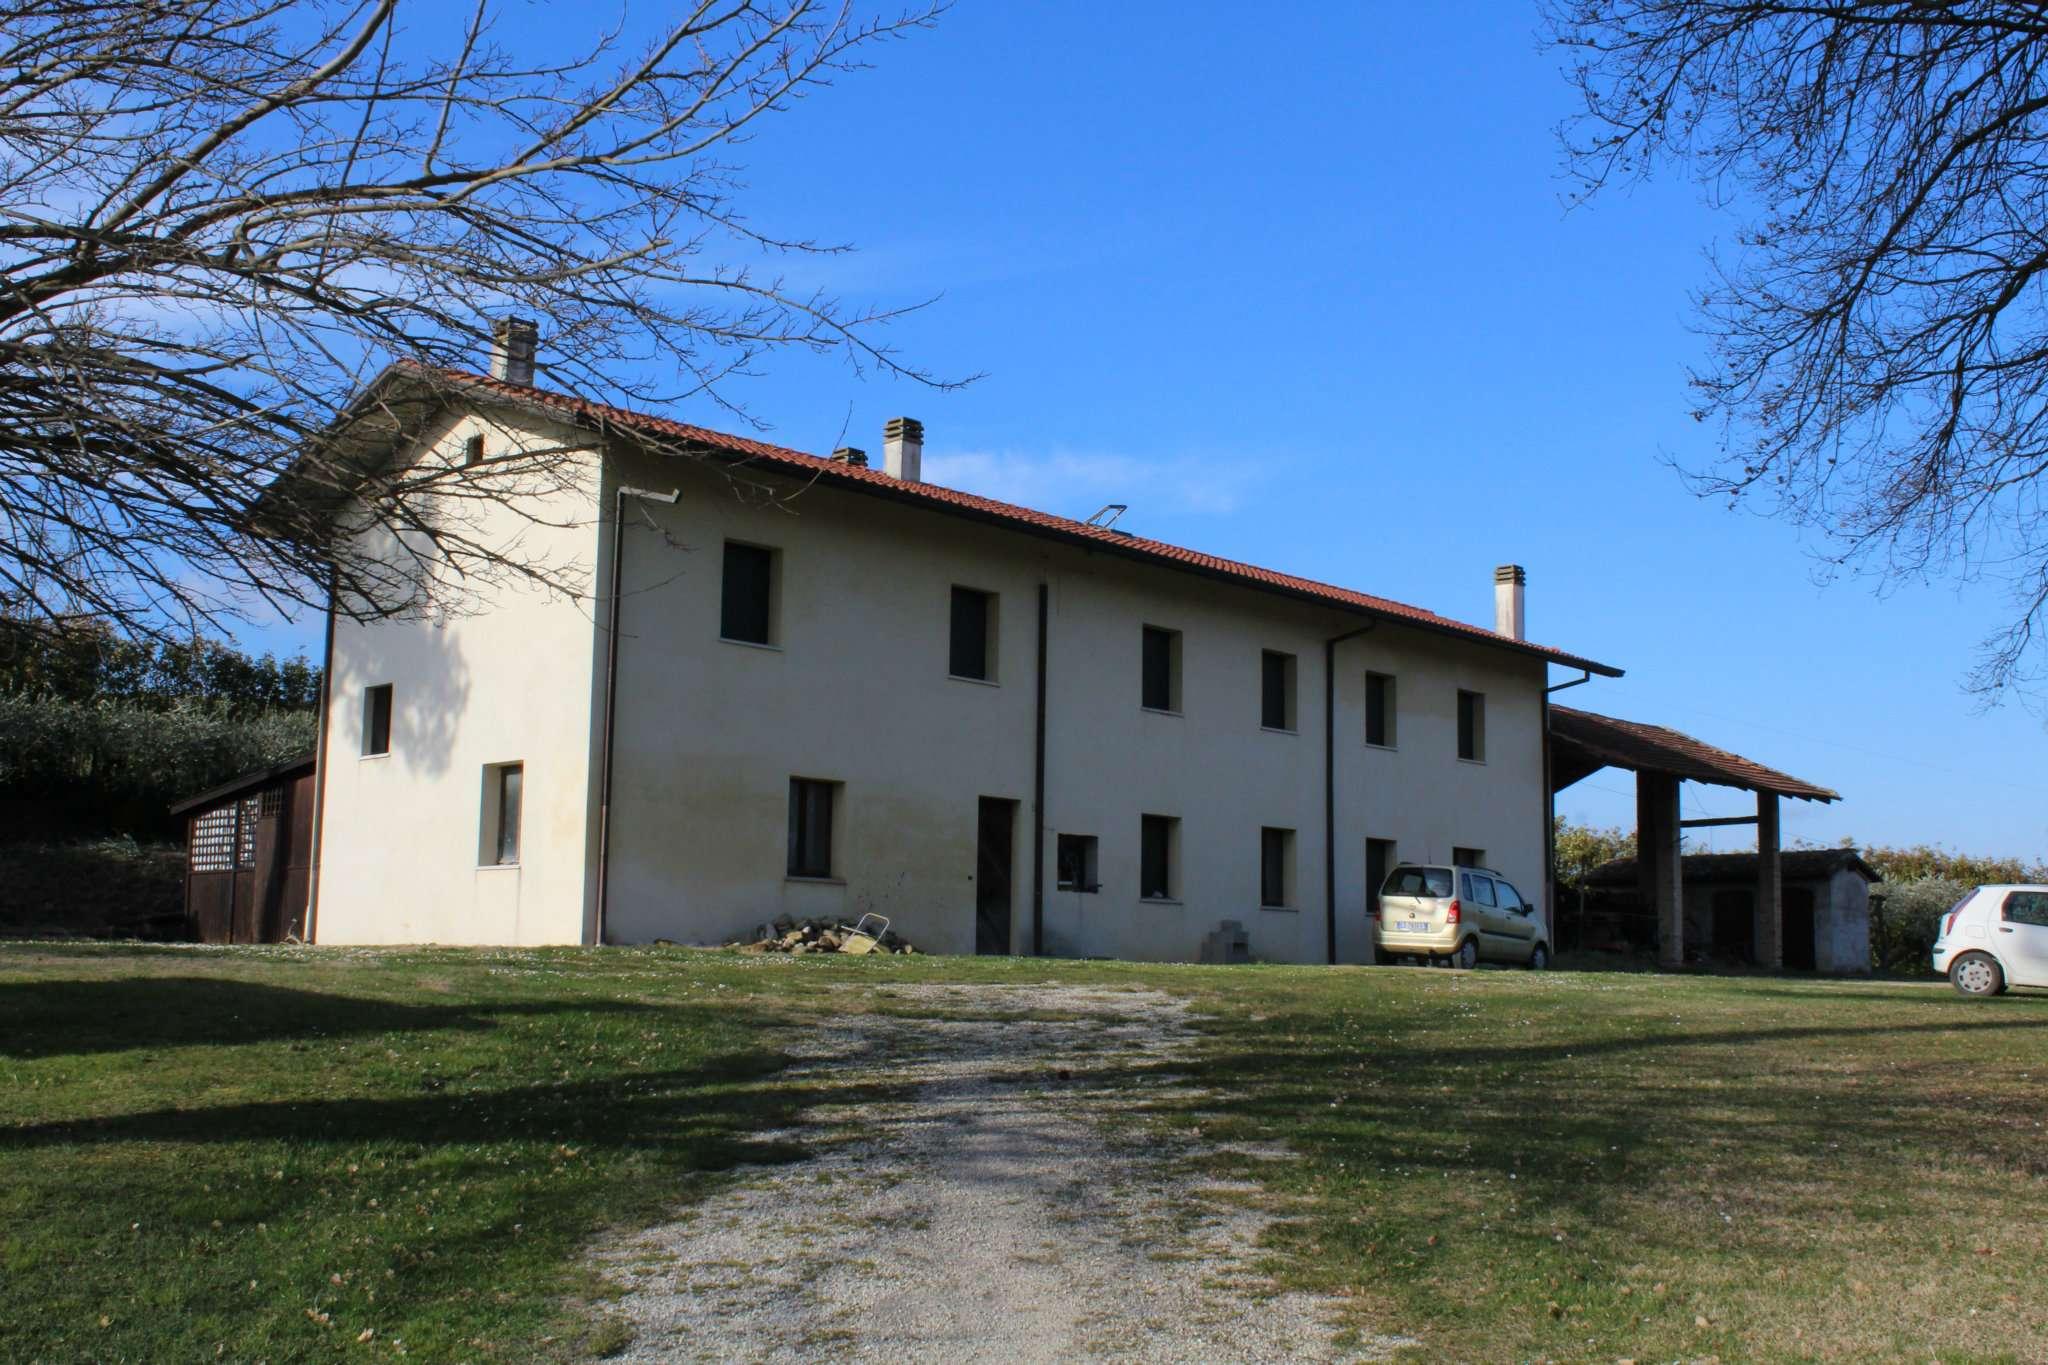 Altro in vendita a Montecalvo in Foglia, 12 locali, prezzo € 550.000 | CambioCasa.it